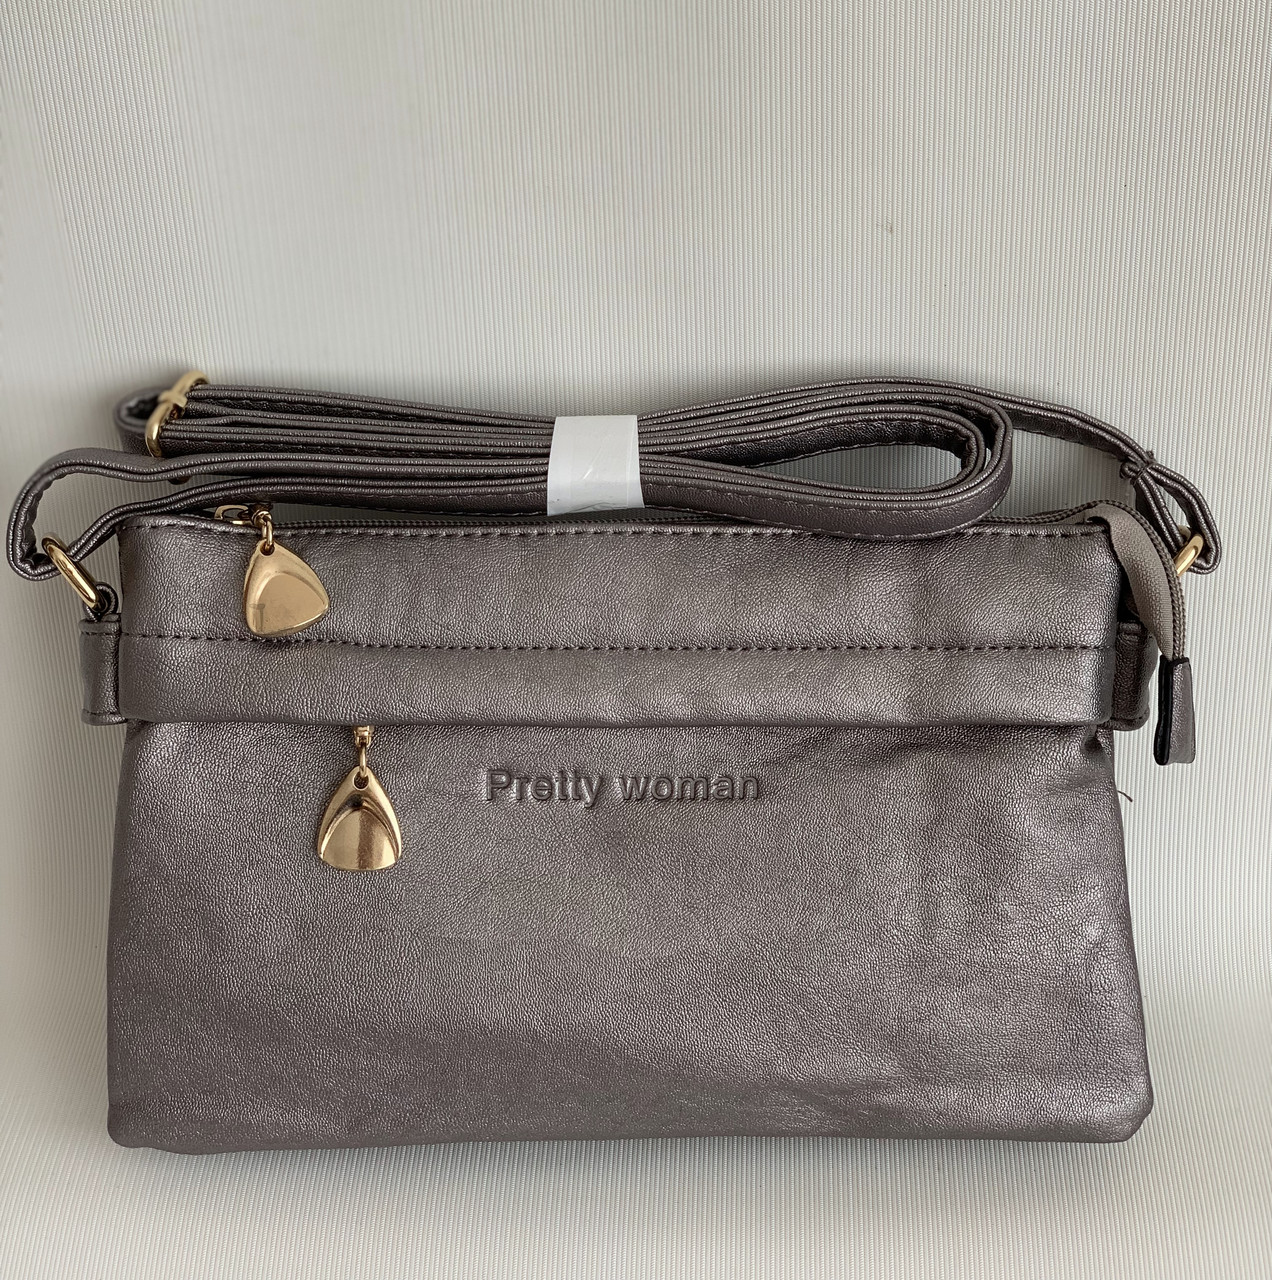 Женская маленькая сумочка клатч серебристого цвета через плечо Pretty woman